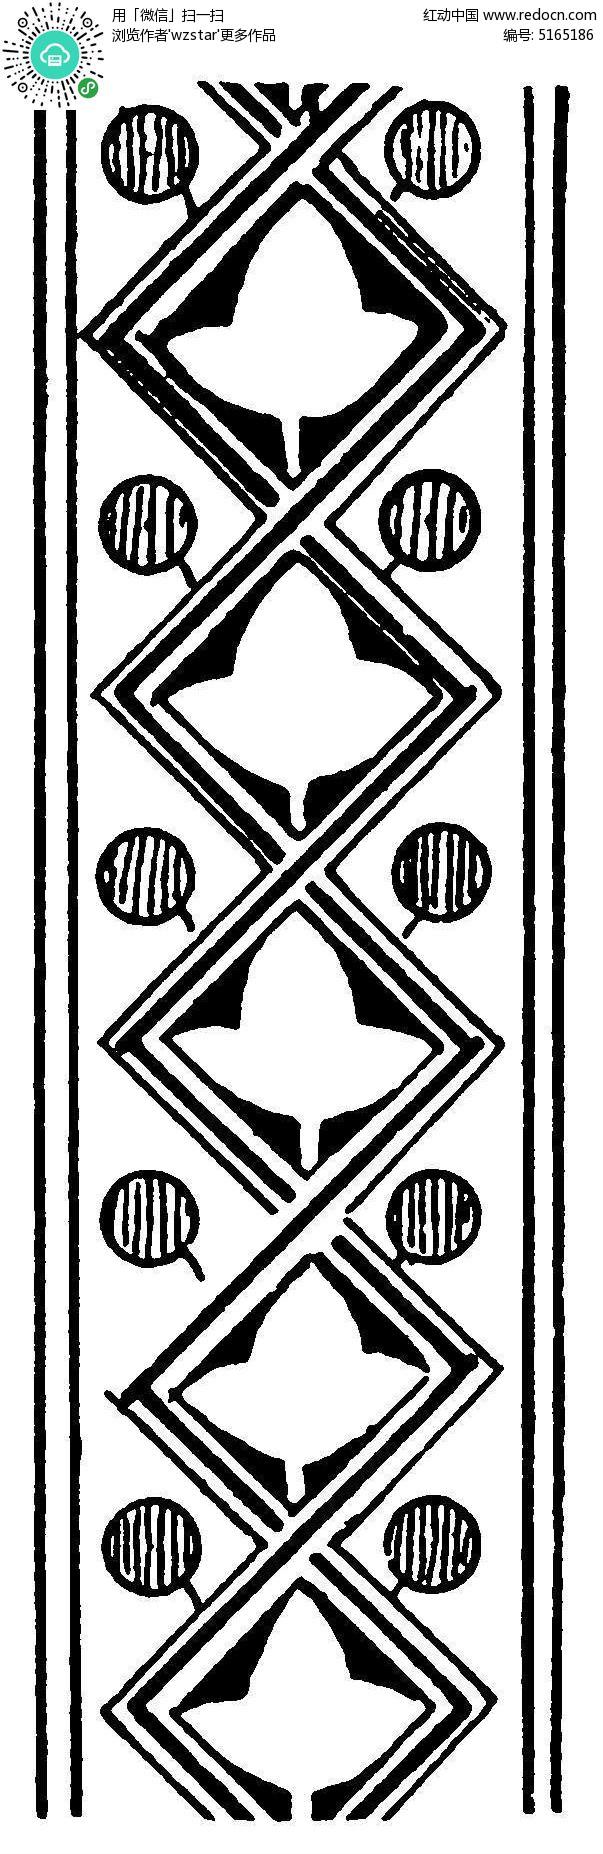 对称圆形叶子镂空横行花纹图片